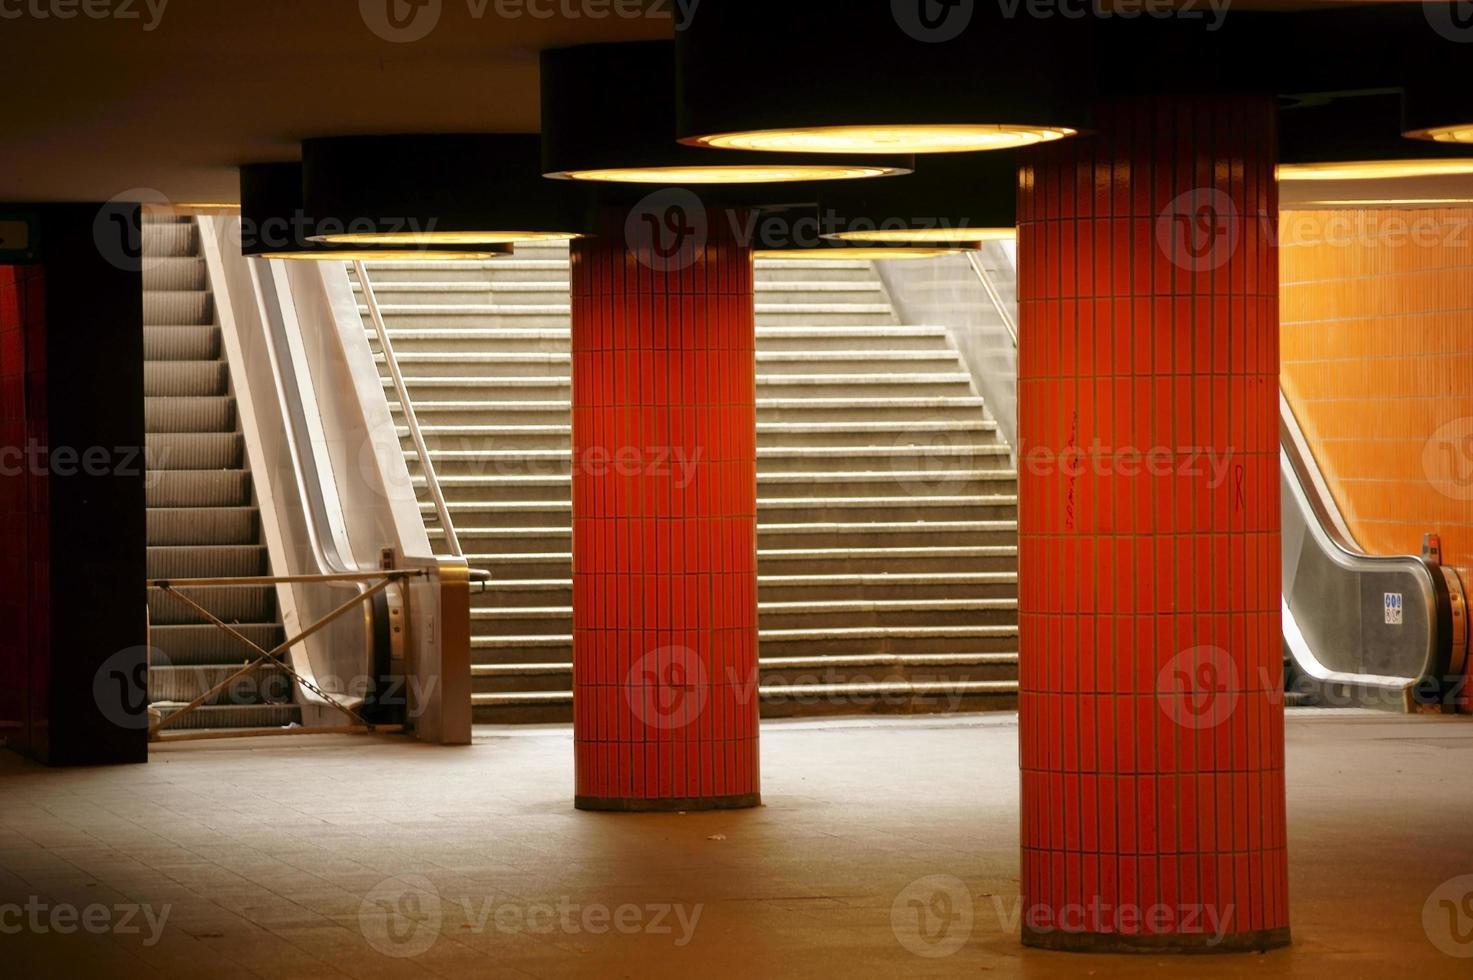 saída do túnel foto